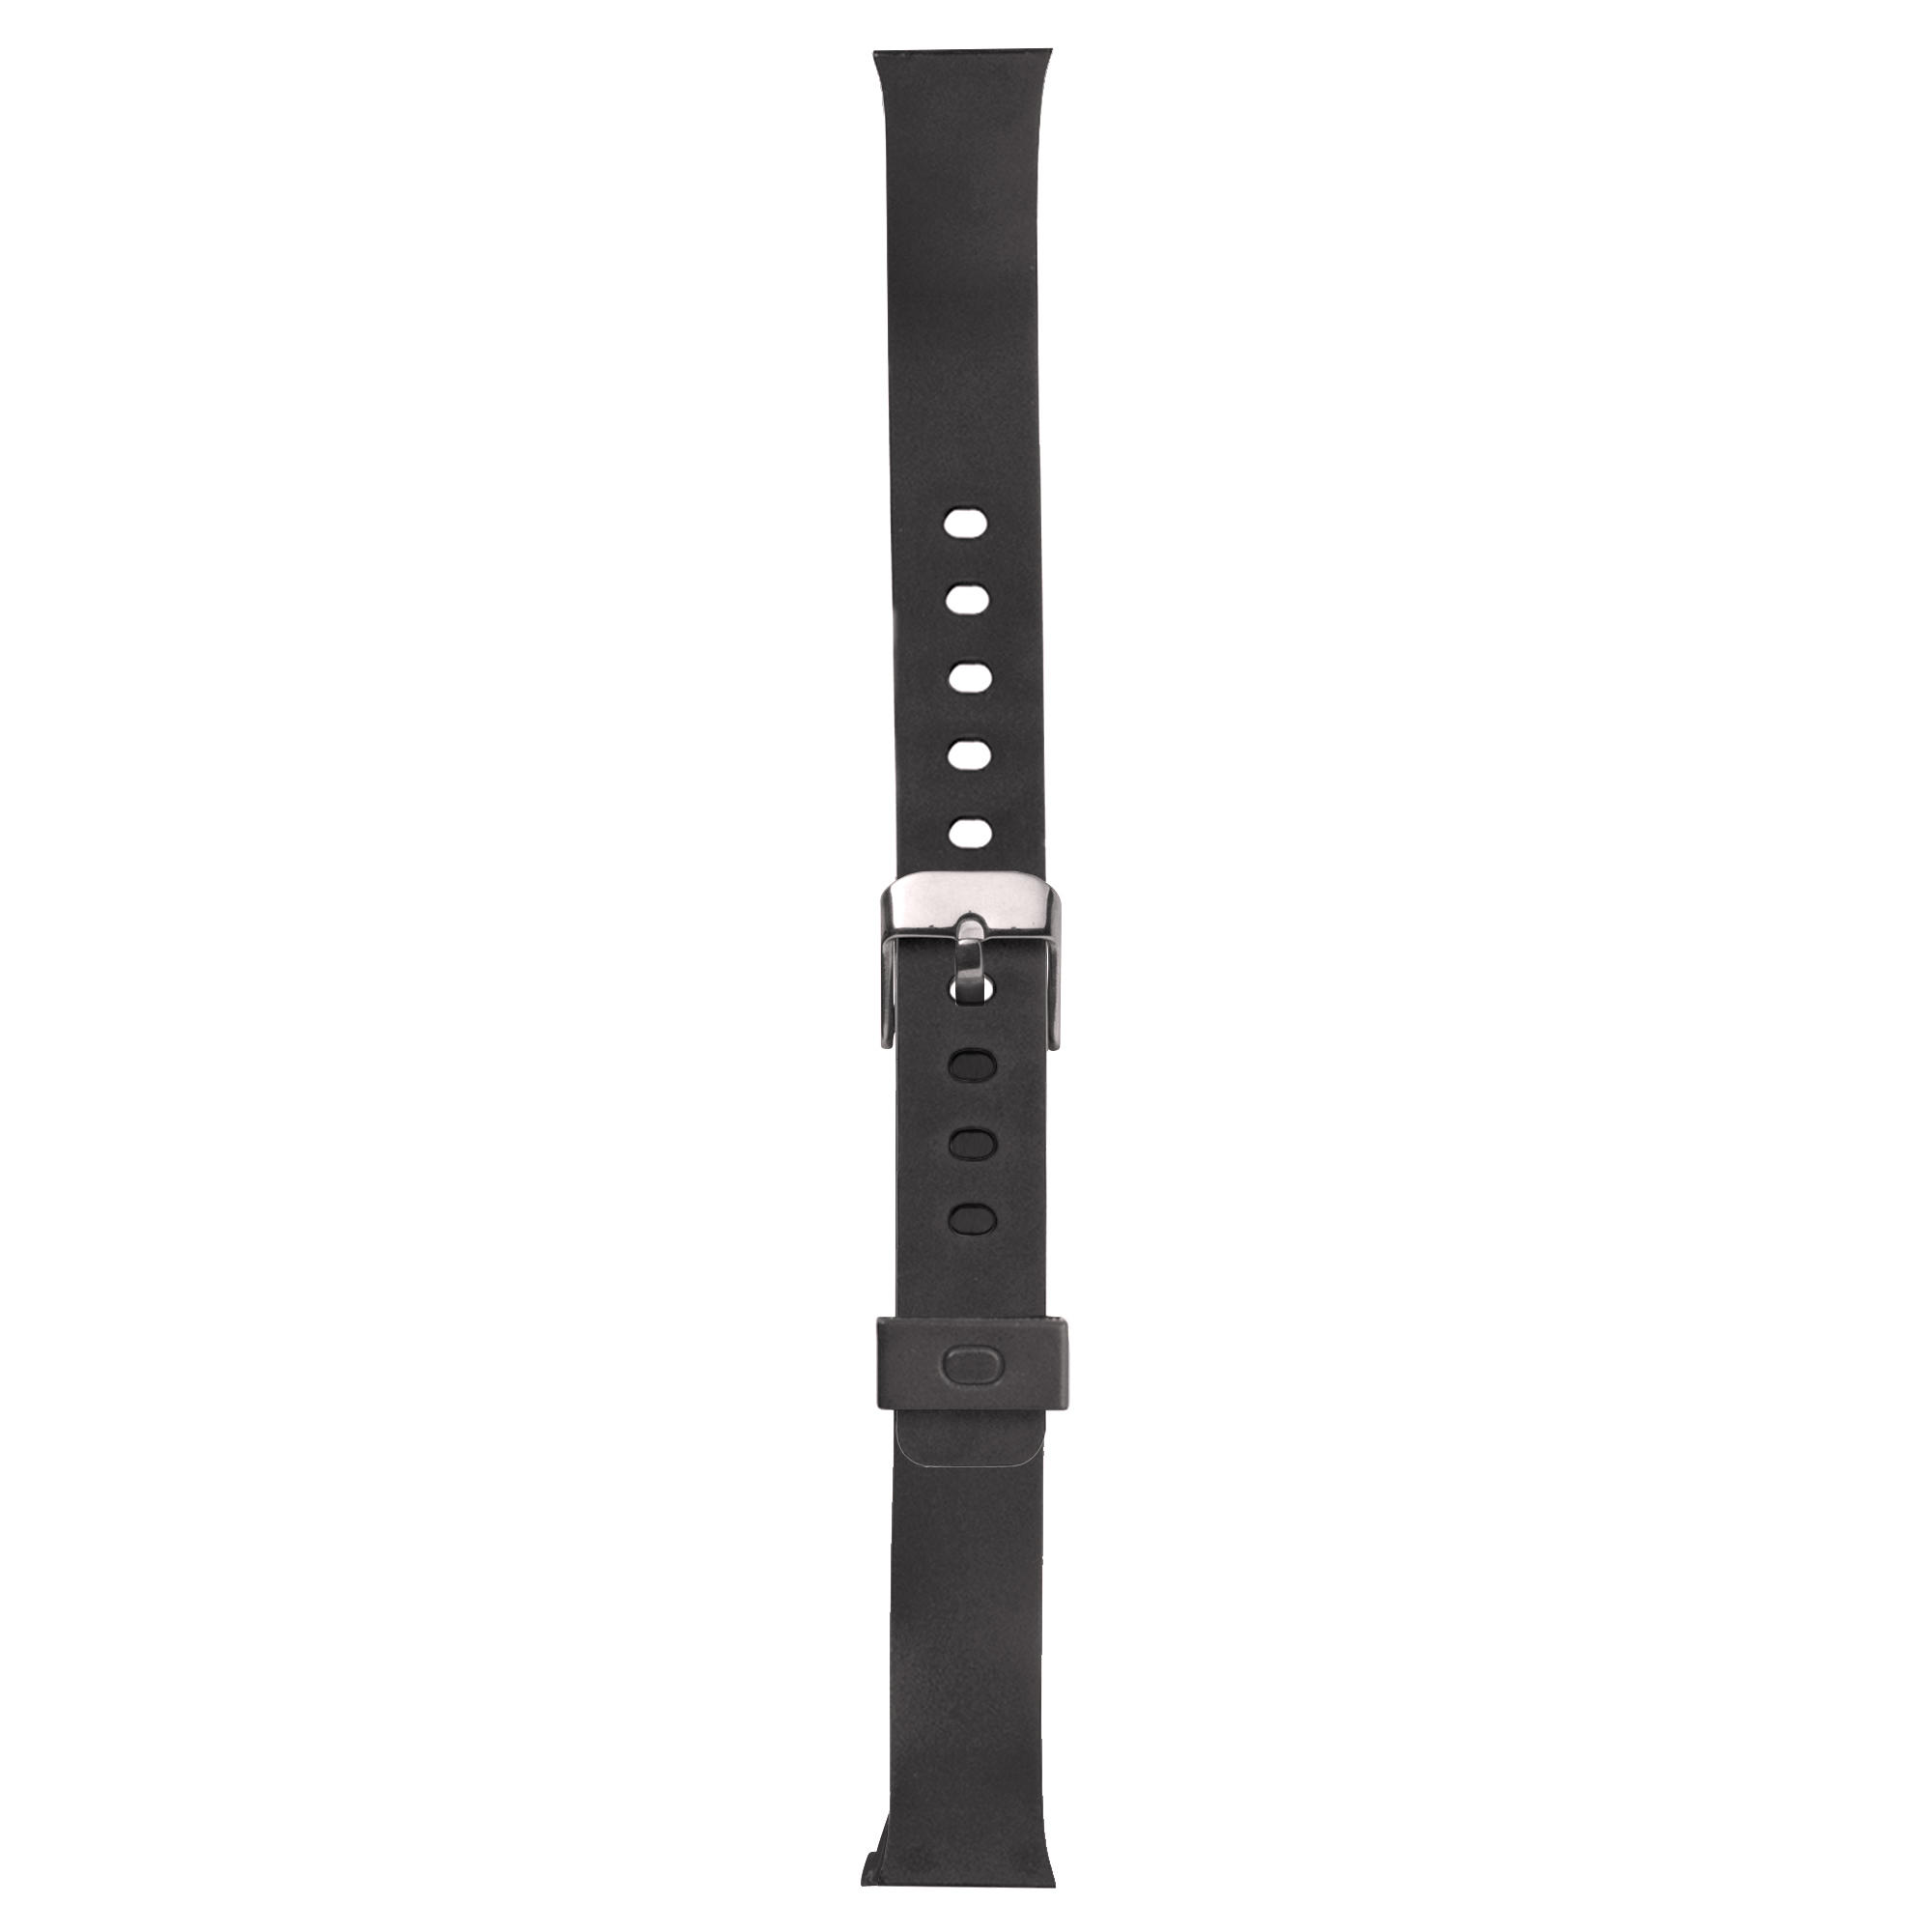 Watch strap compatible W500s et A300s - Black